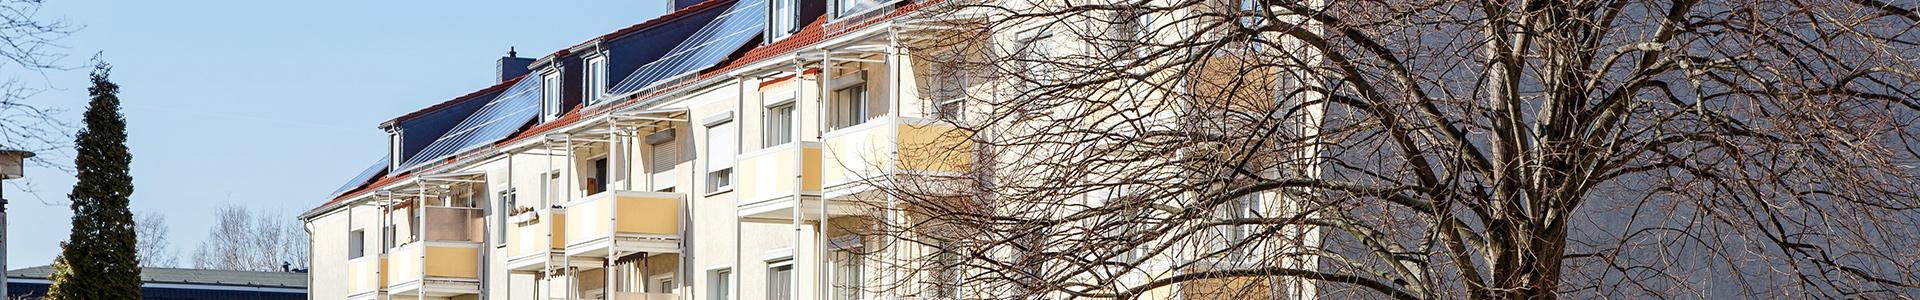 Wohnungsgenossenschaft Einheit Calbe eG - Wohnungssuche